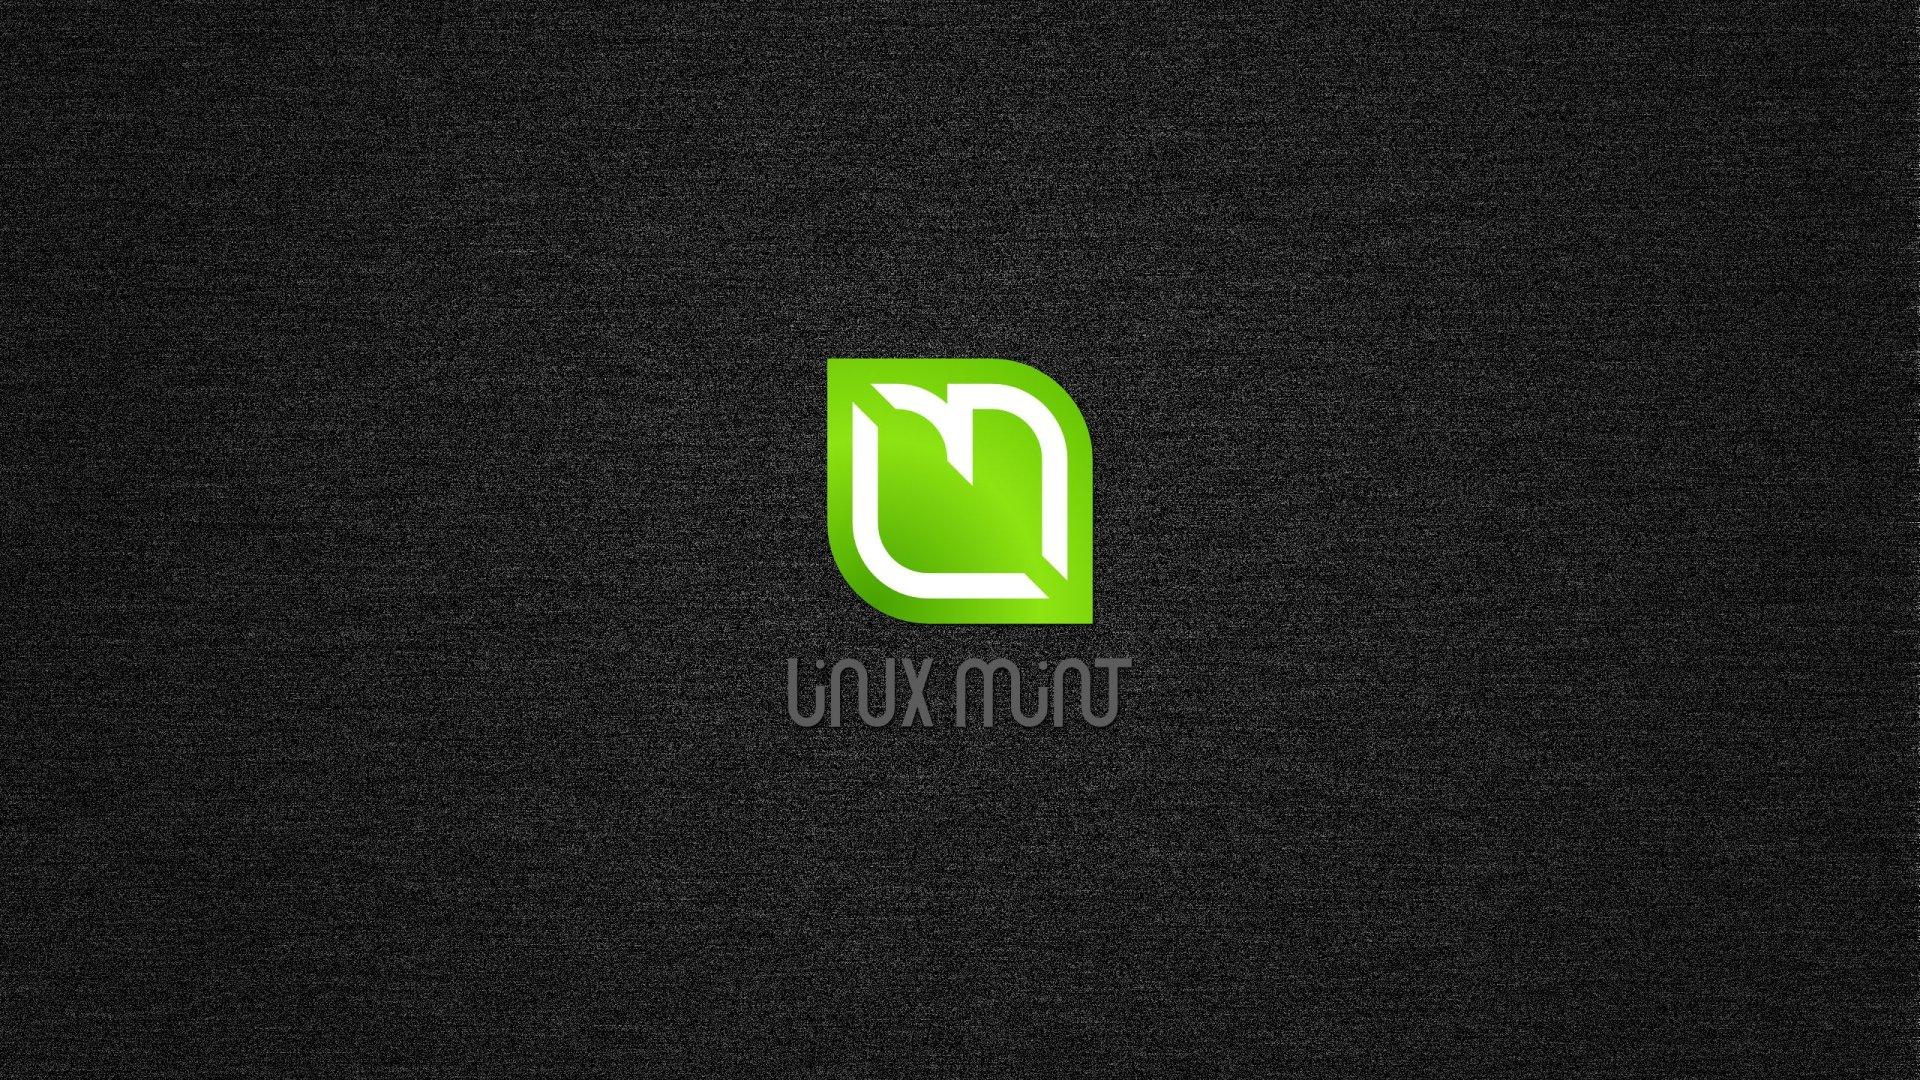 Hd Linux Mint wallpaper   780457 1920x1080